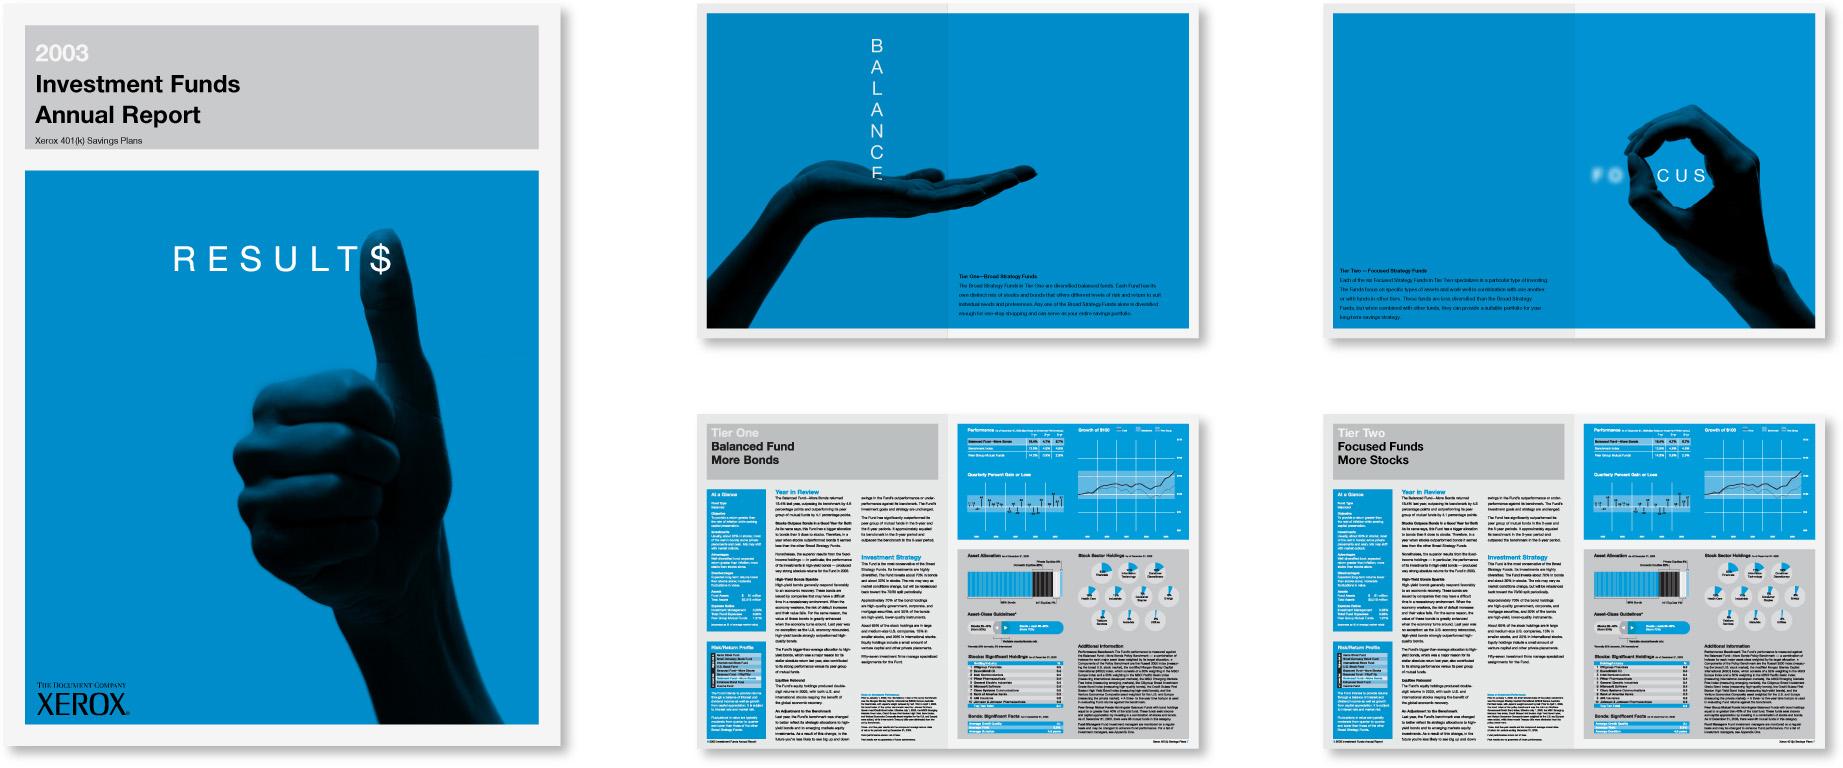 Xerox-2003-Thumbs